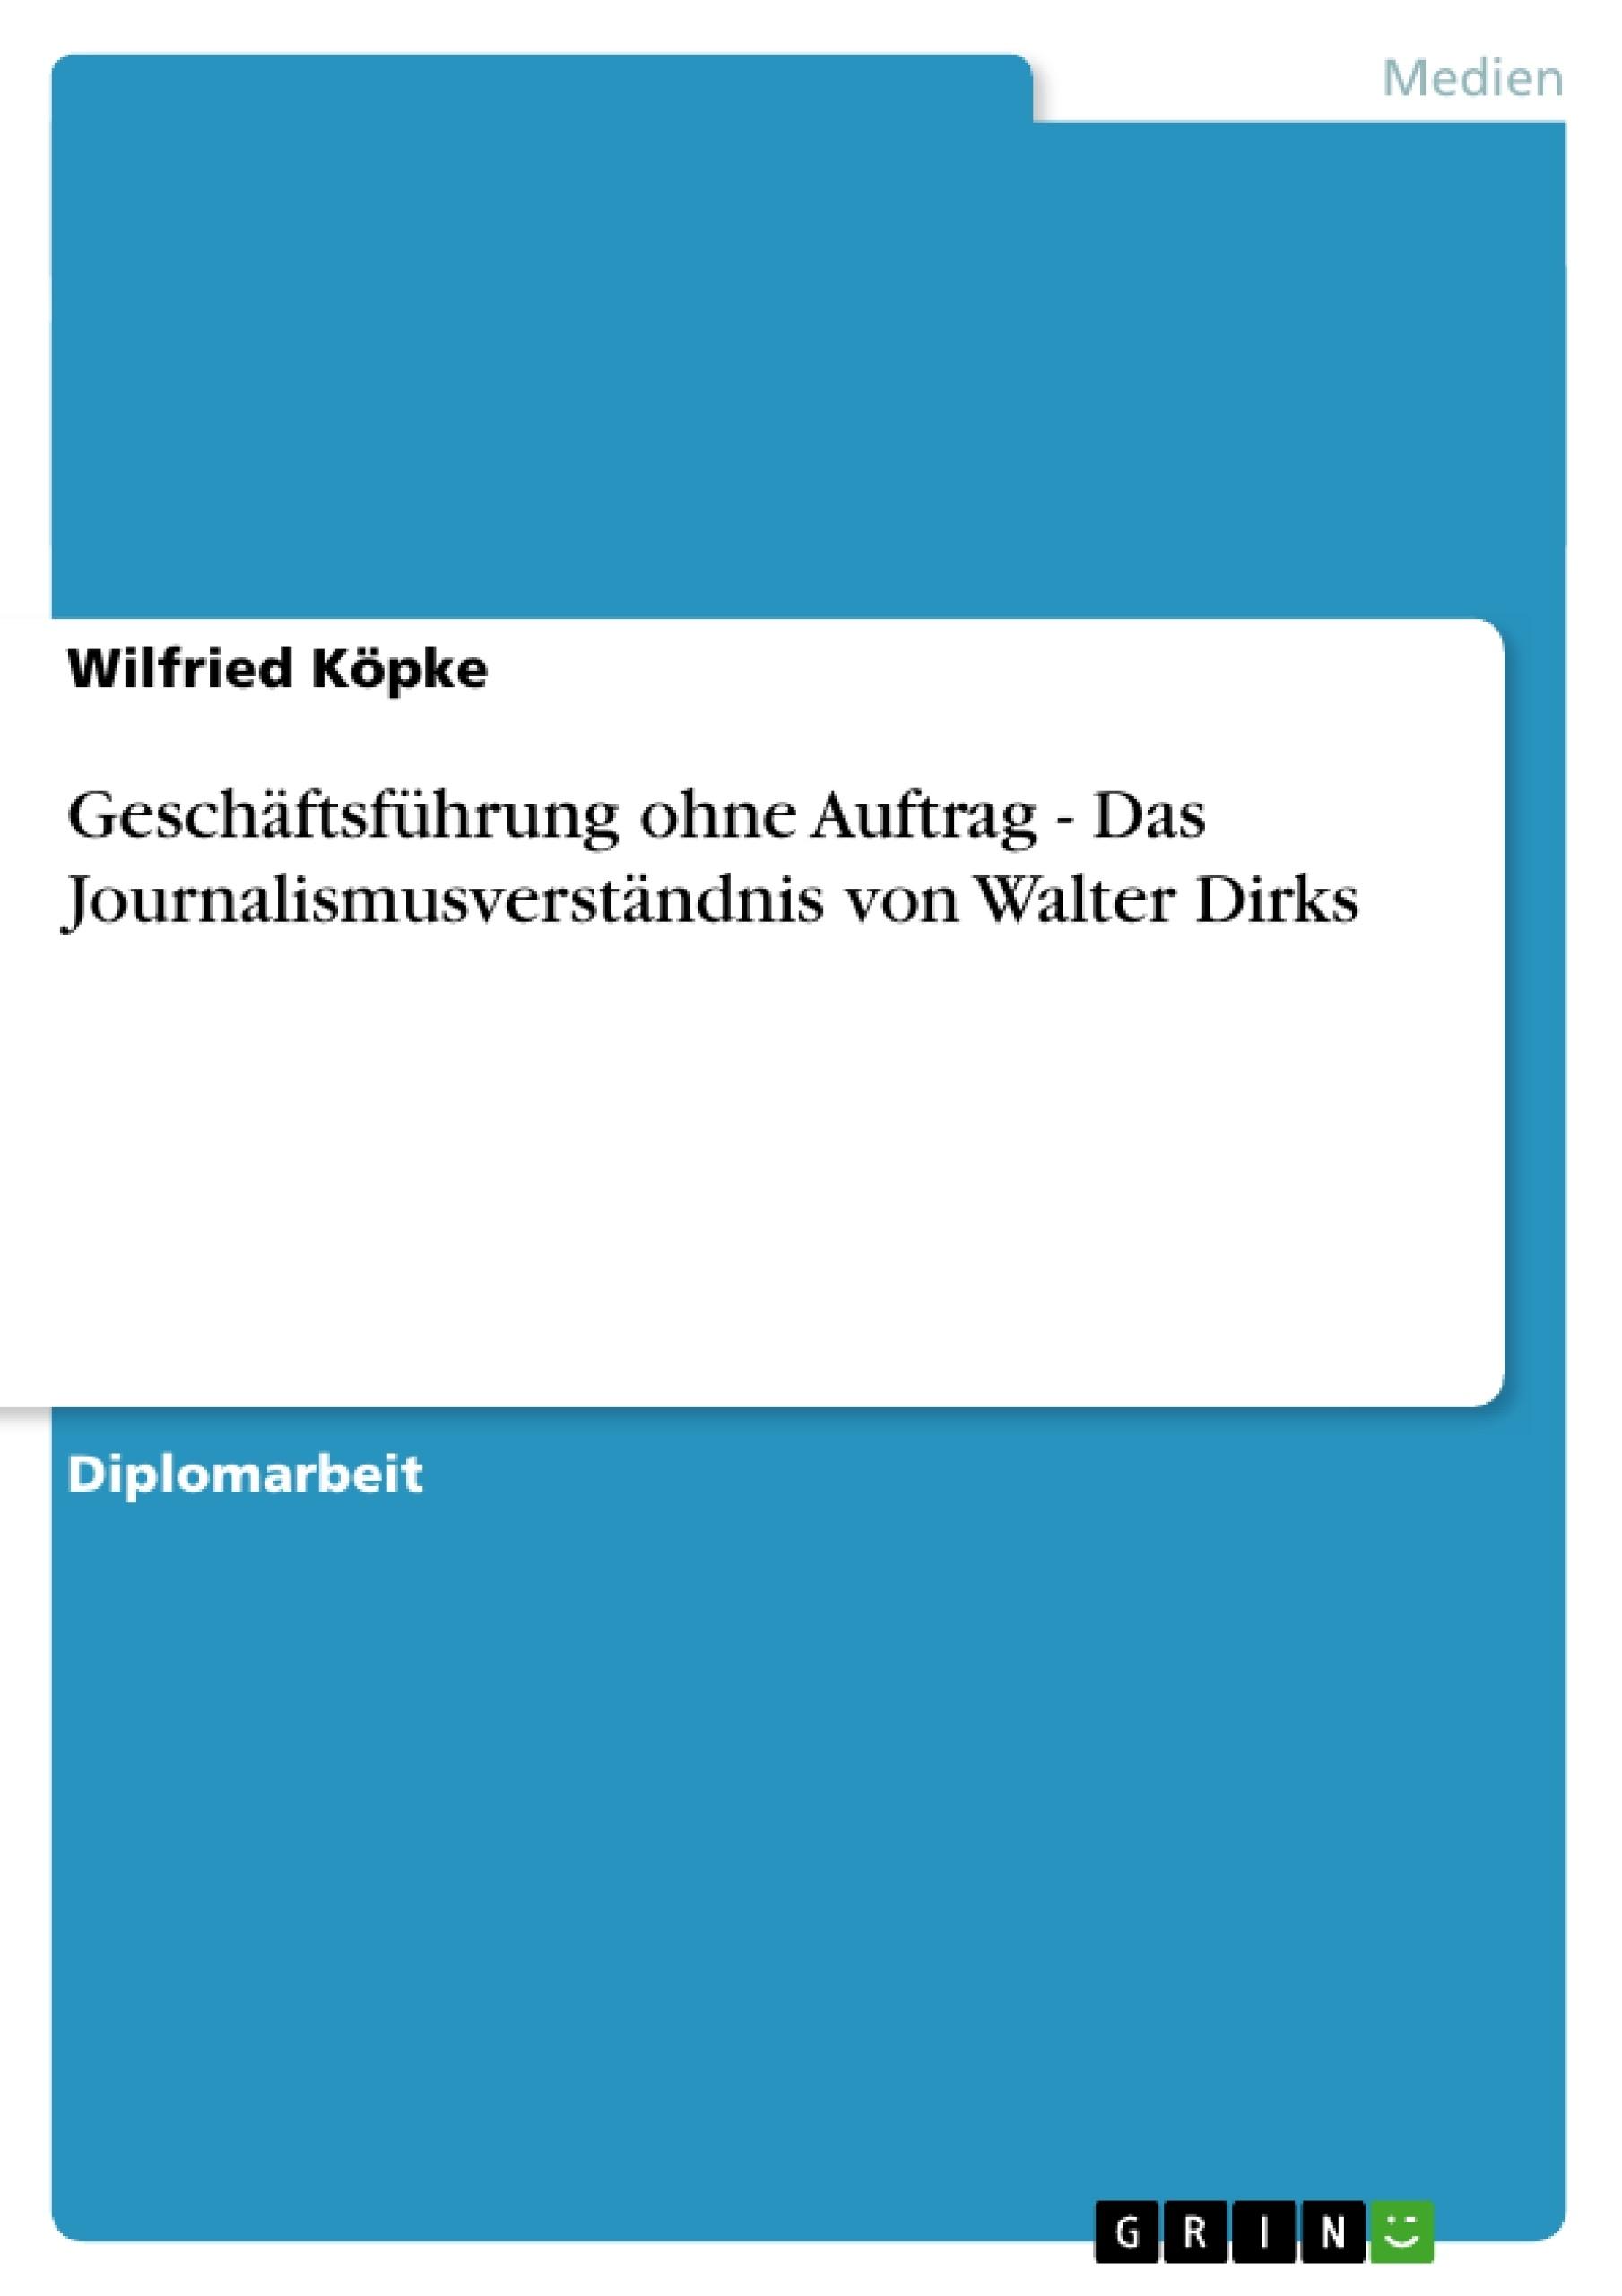 Titel:  Geschäftsführung ohne Auftrag  - Das Journalismusverständnis von Walter Dirks